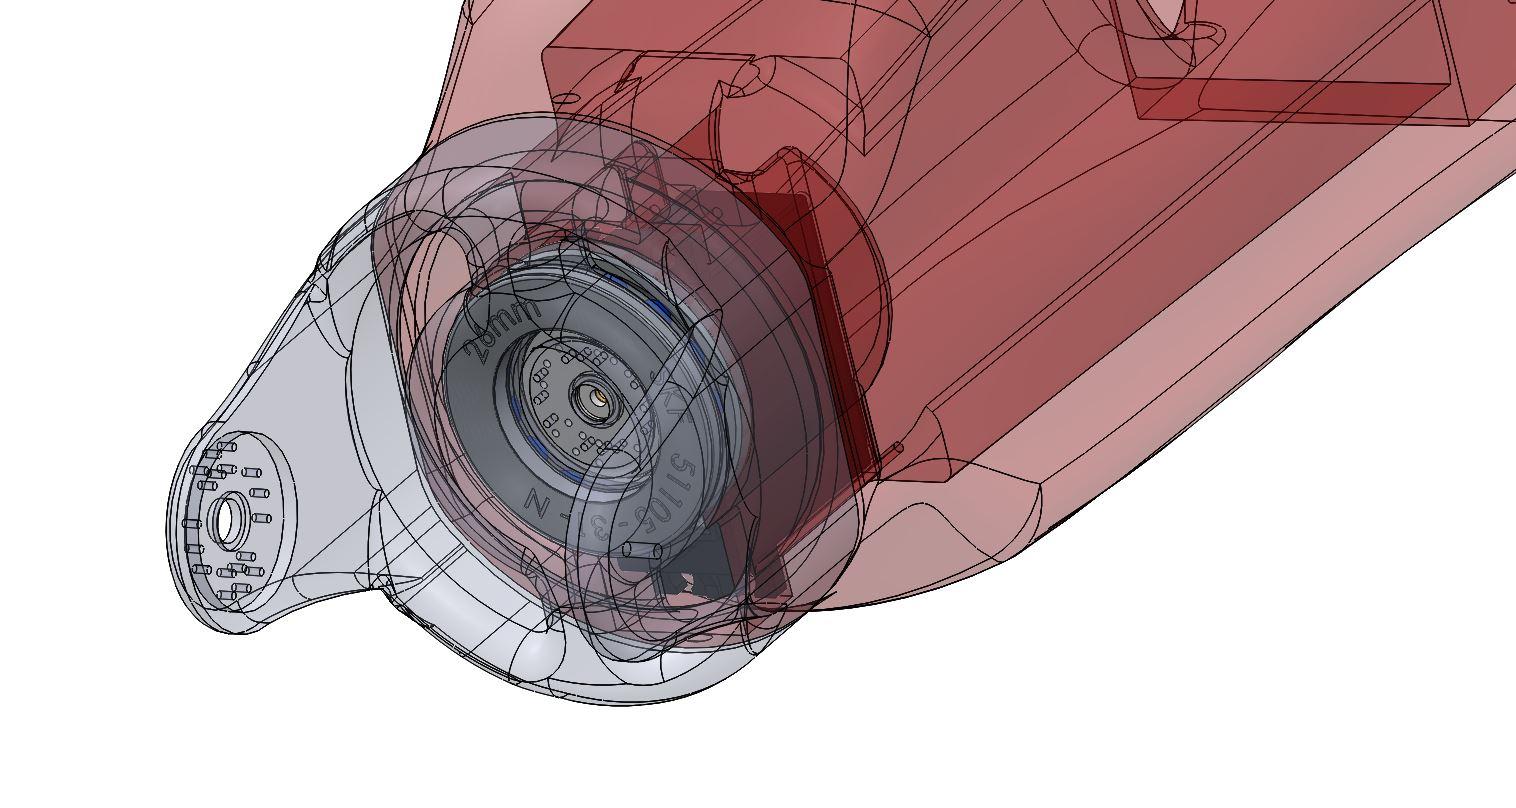 Maya rotation poignet RedOhm - 009